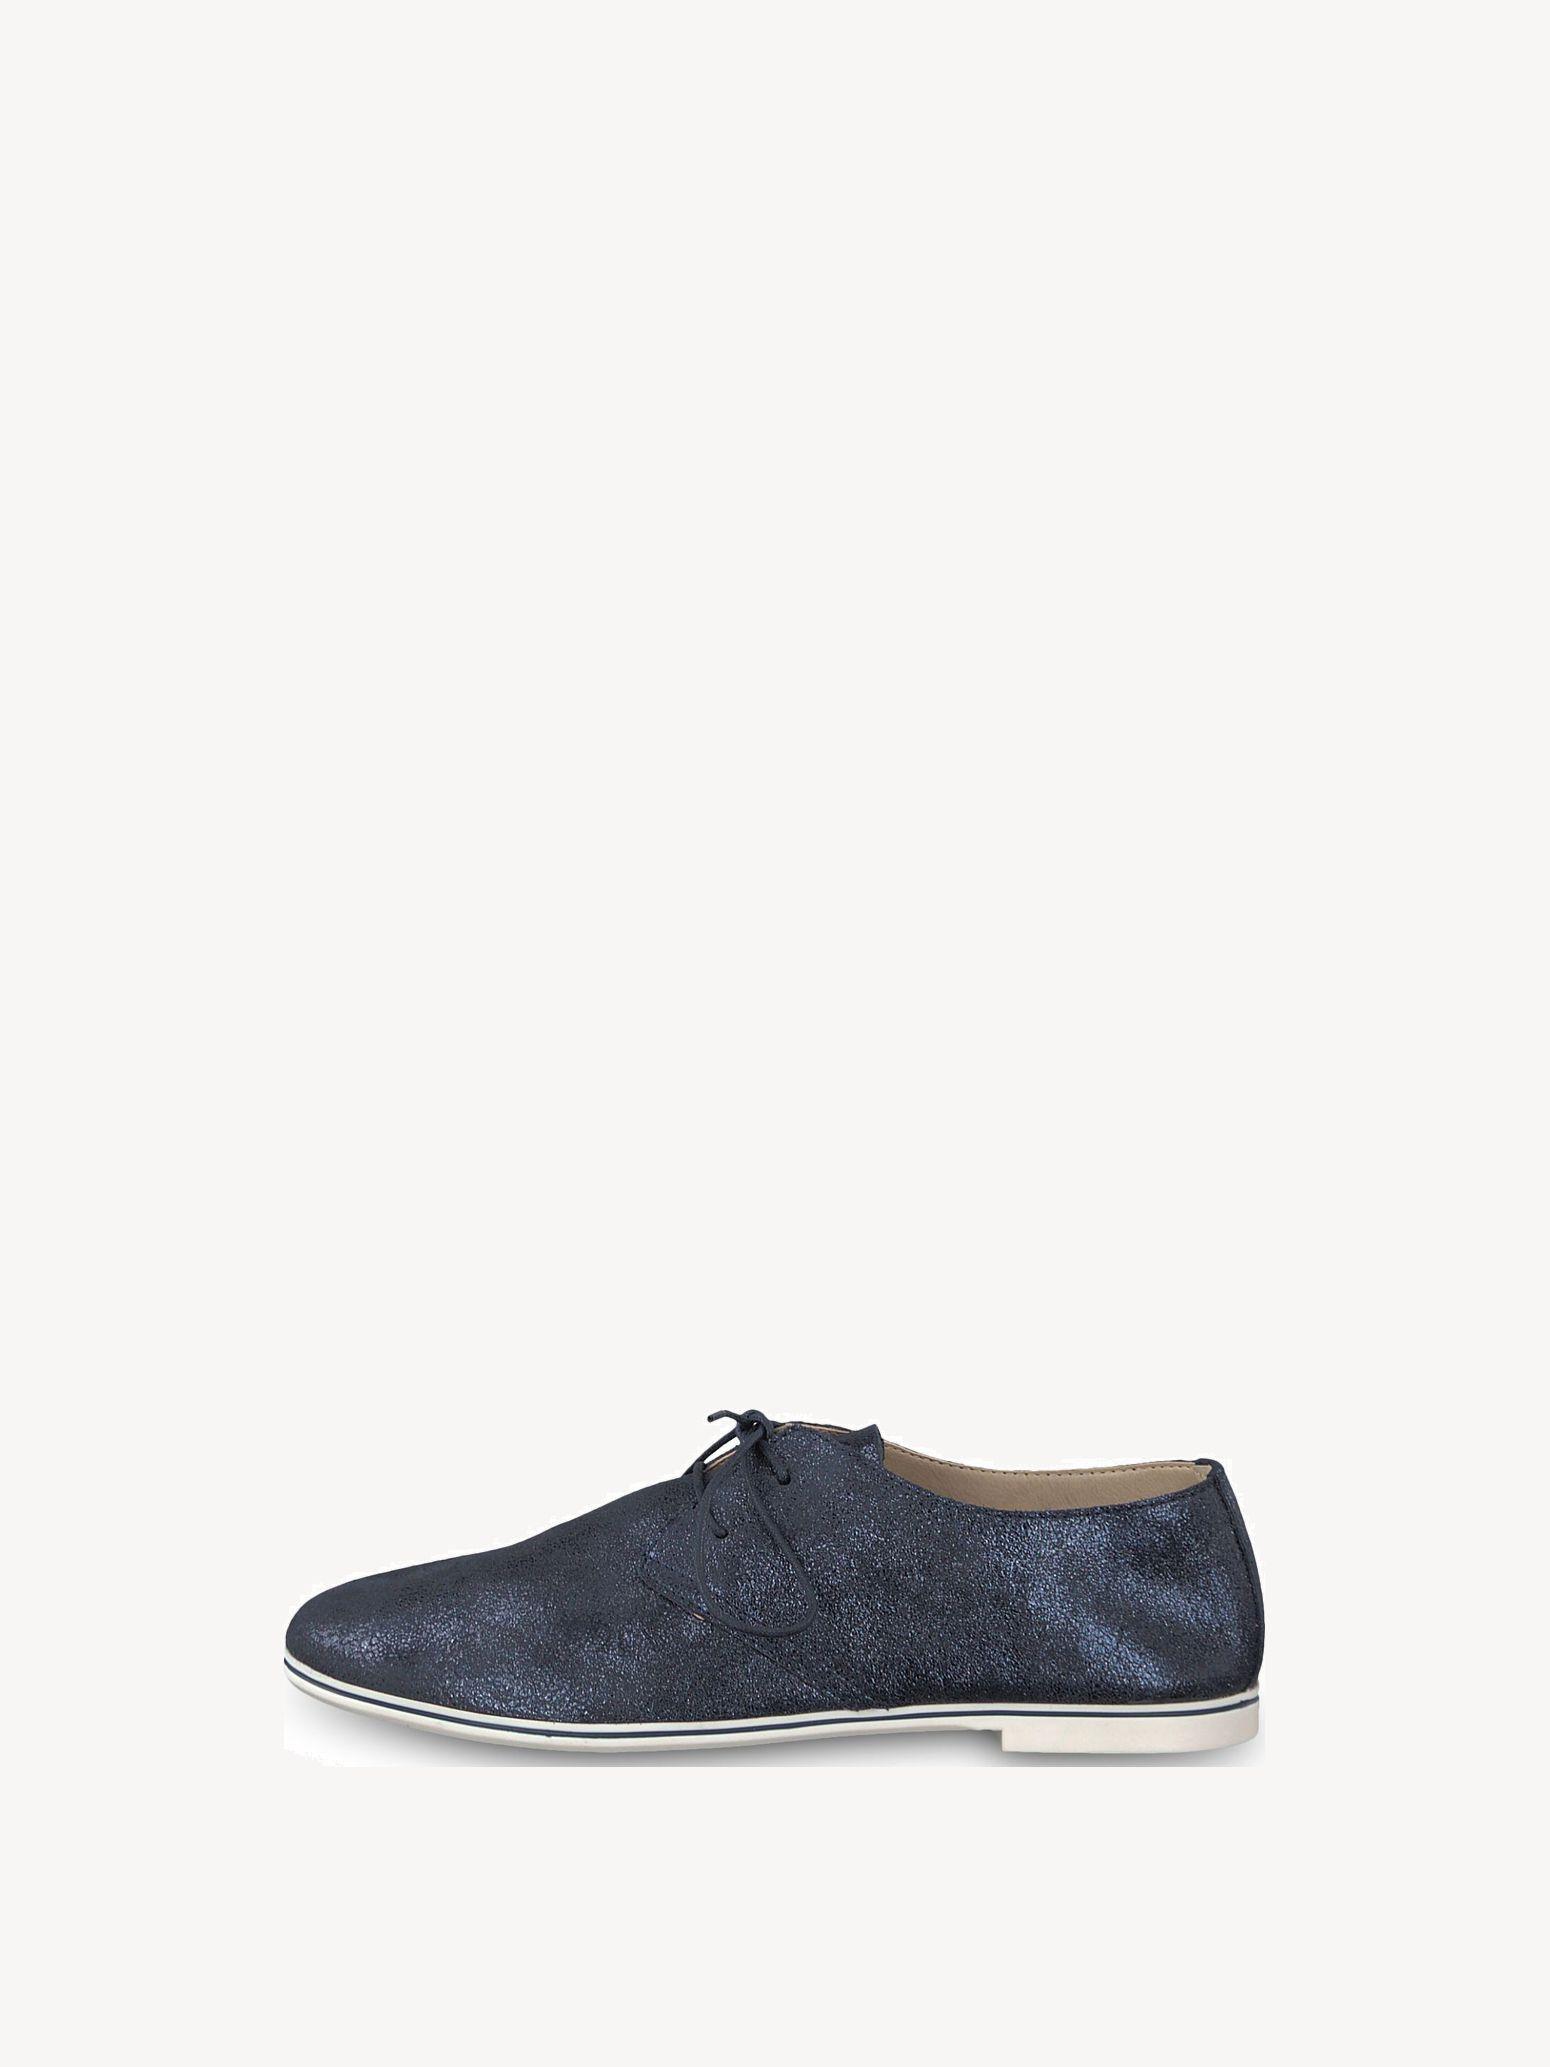 en Chaussure en en cuir basse Chaussure basse Chaussure cuir basse cuir QdsrthC